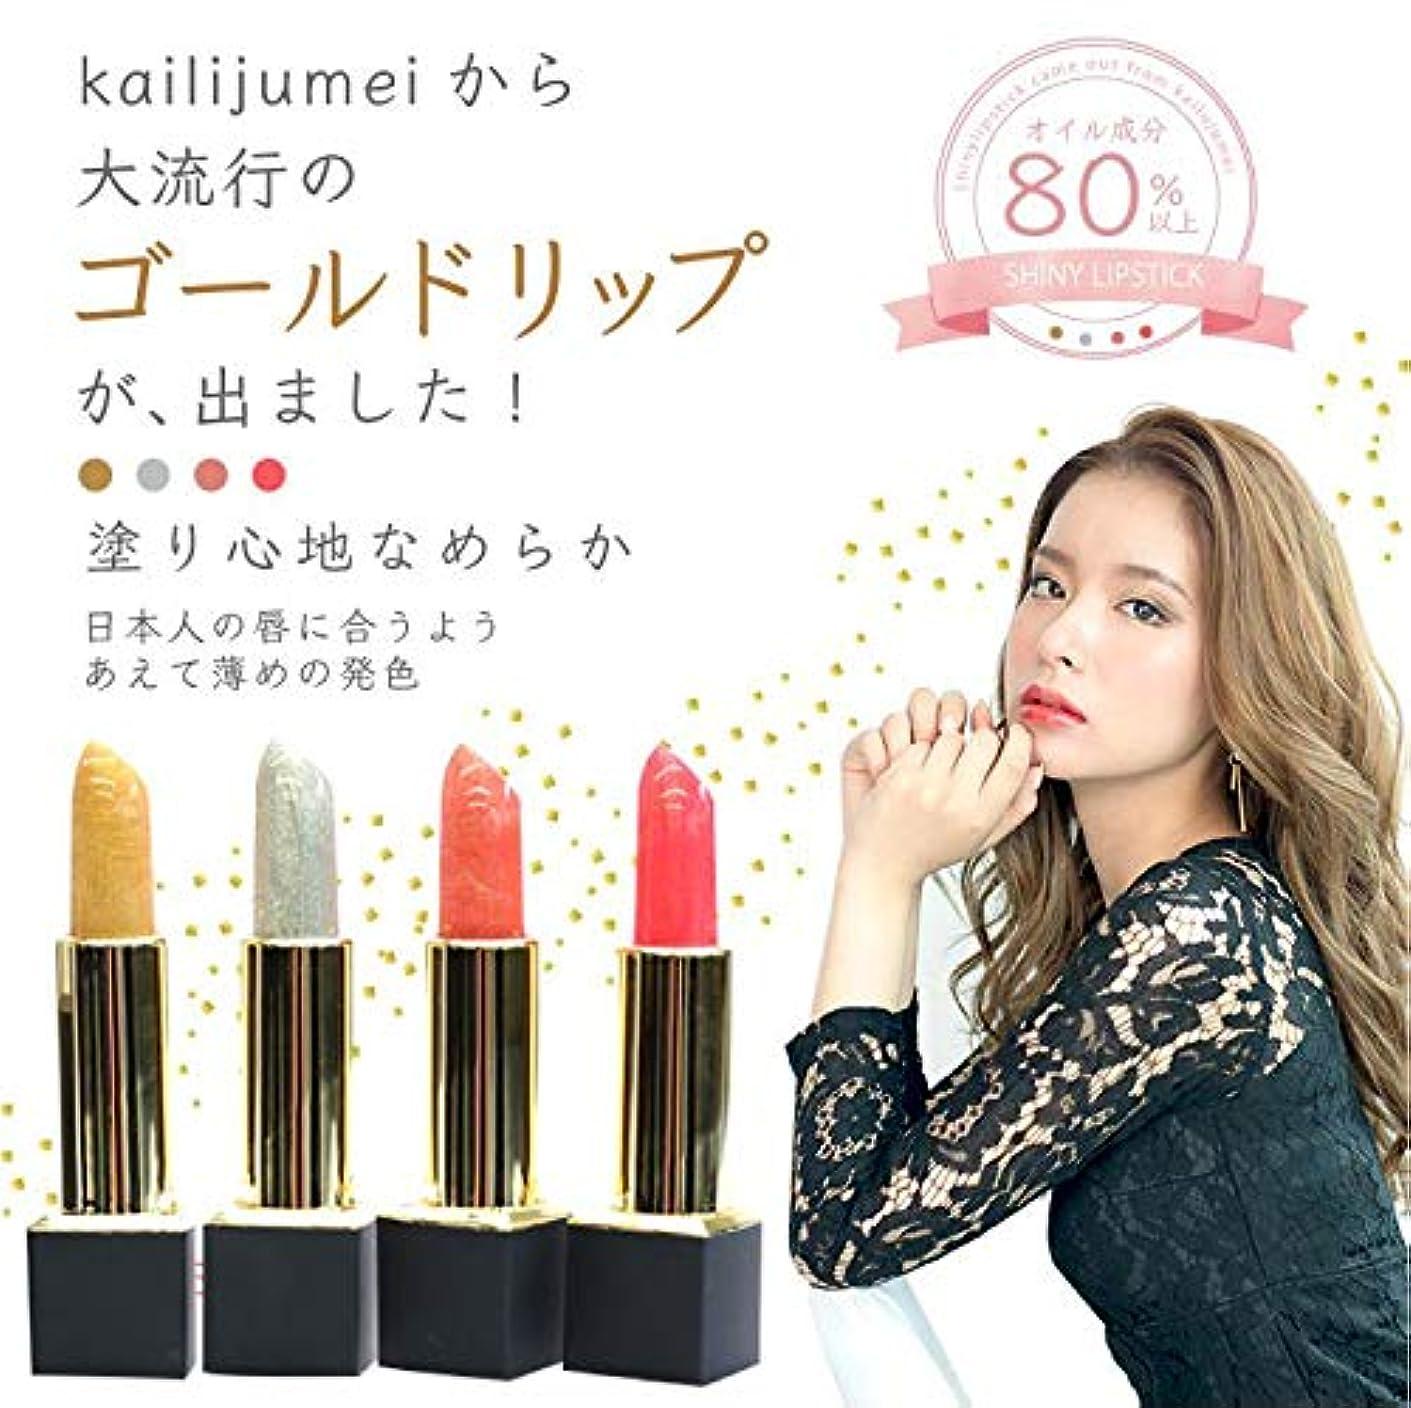 ブラインド絞るわかるKailijumei シャイニーリップ ひと塗りでゴージャスな唇へ ゴールドリップ 口紅 (ヌーディオレンジ)